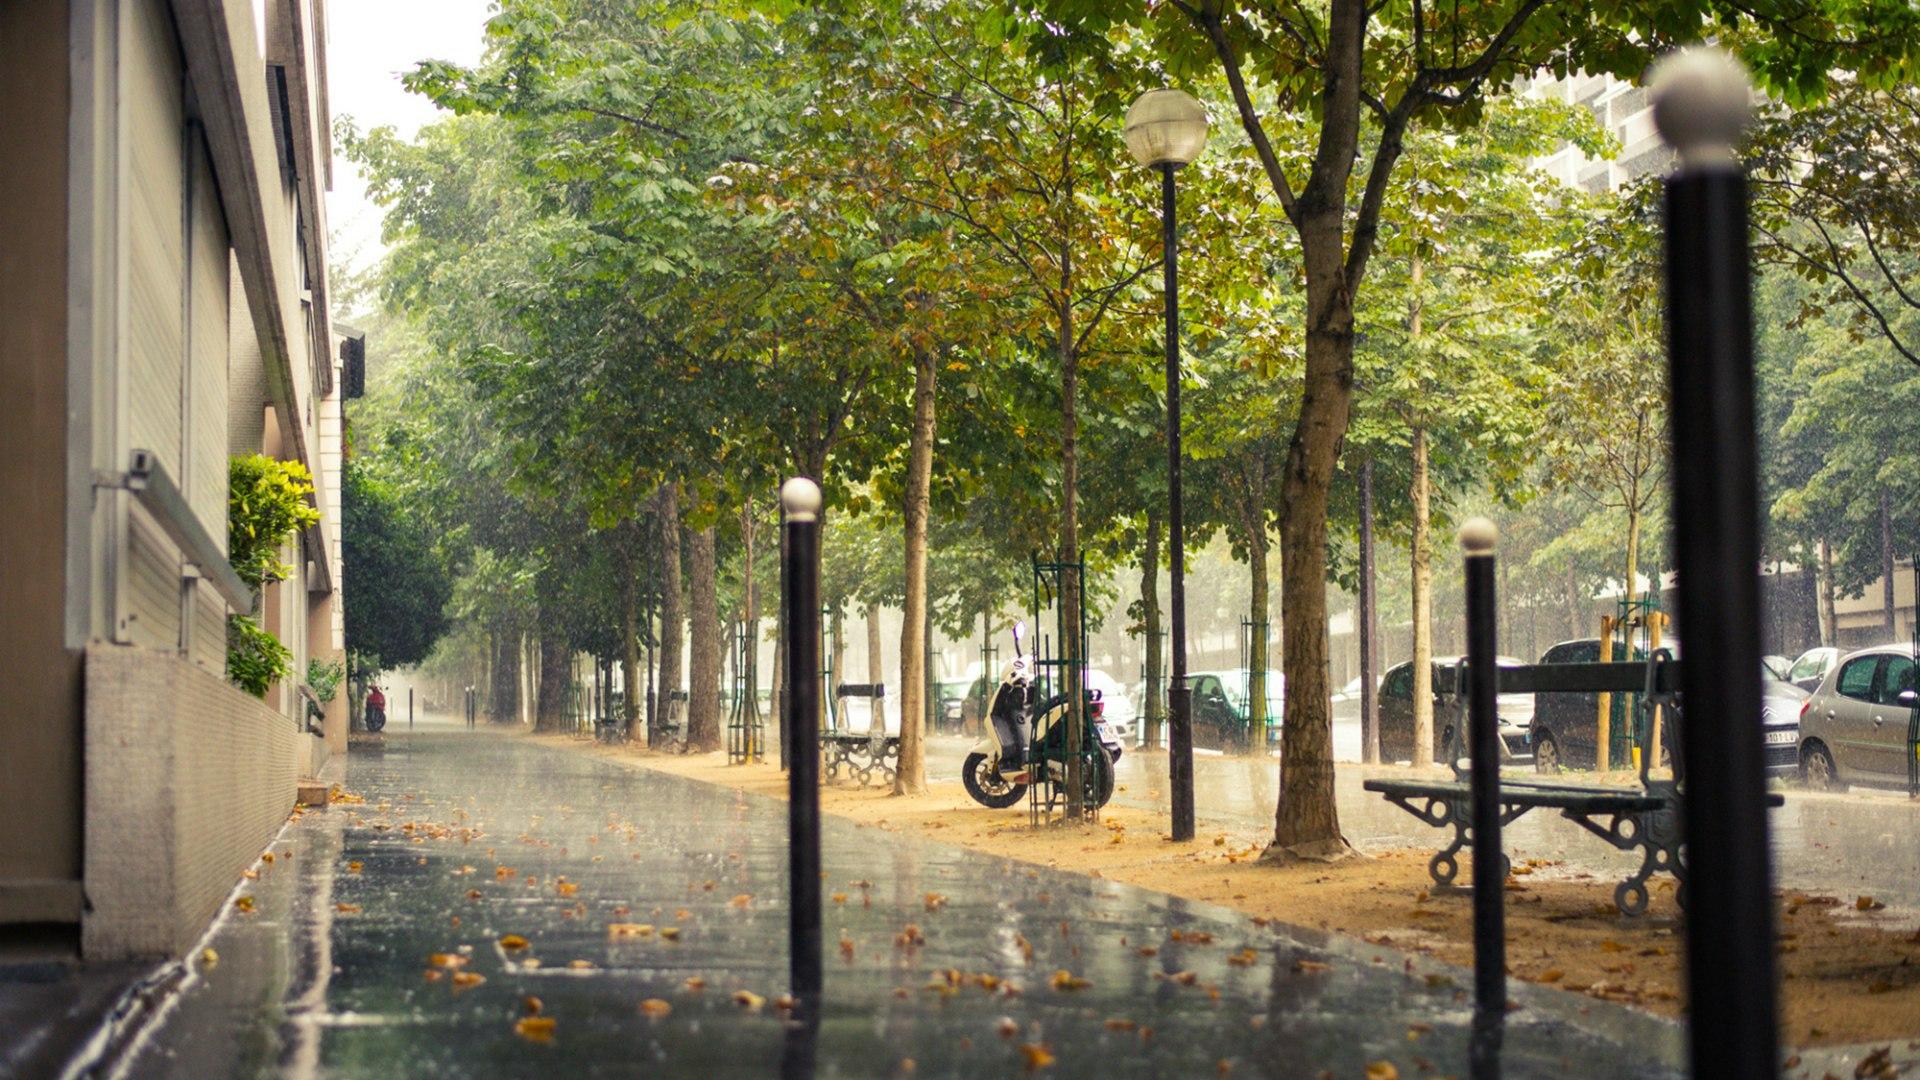 порода широкоформатное фото городских улиц рождения